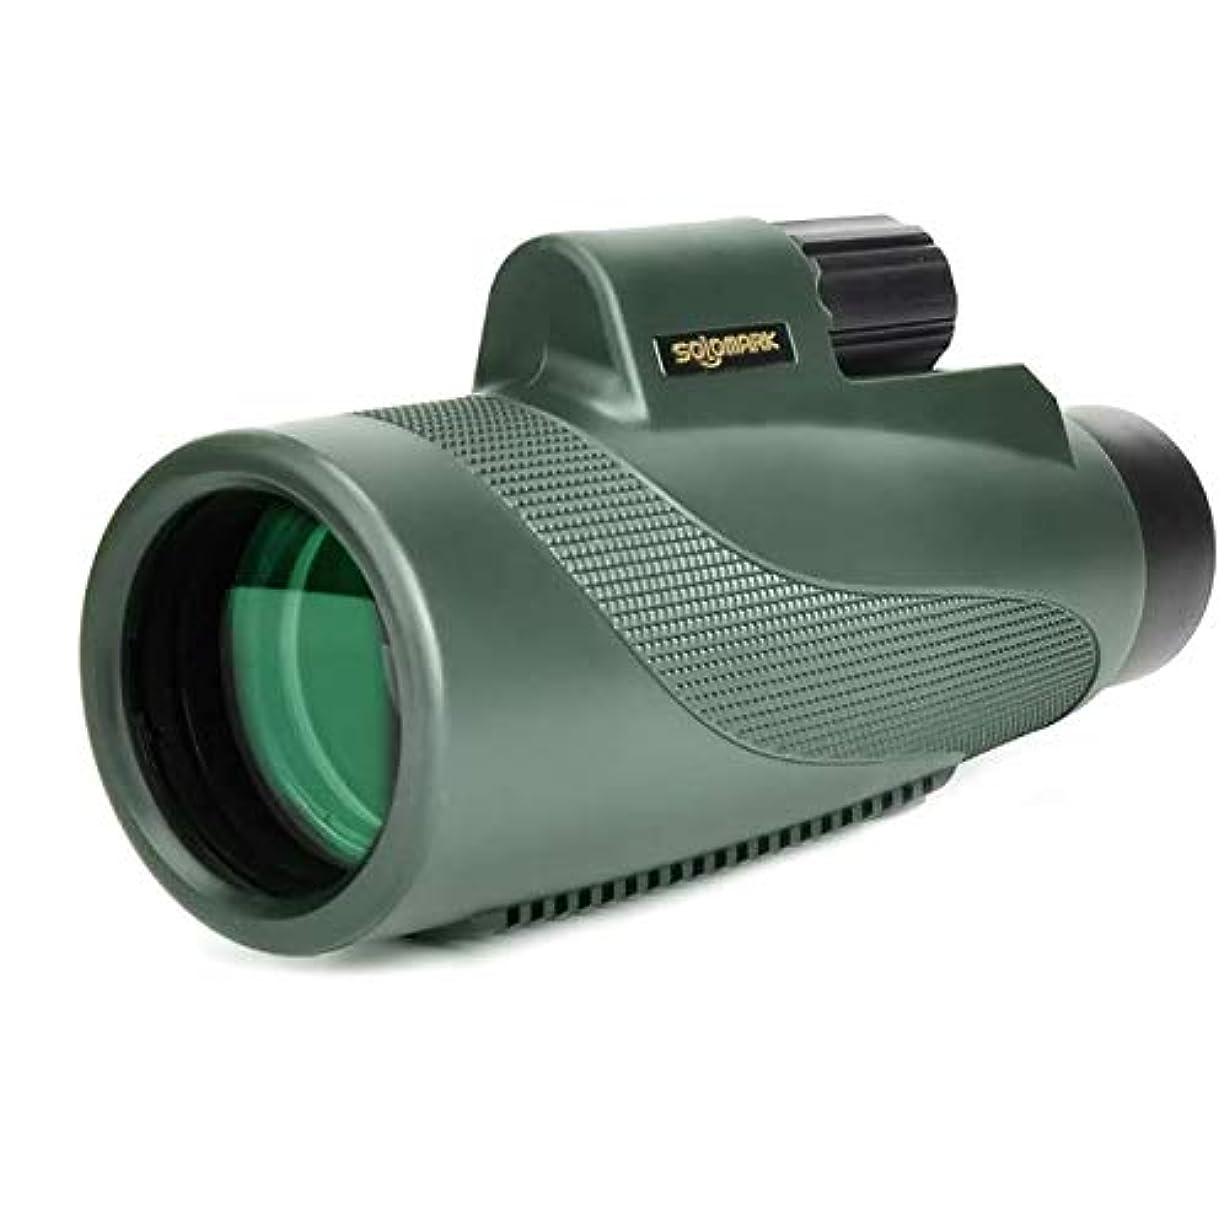 剥ぎ取る公然と複合12×50 高倍率単眼鏡 HD片手フォーカス防水曇り止め バードウォッチングキャンプ旅行に持ち運び簡単